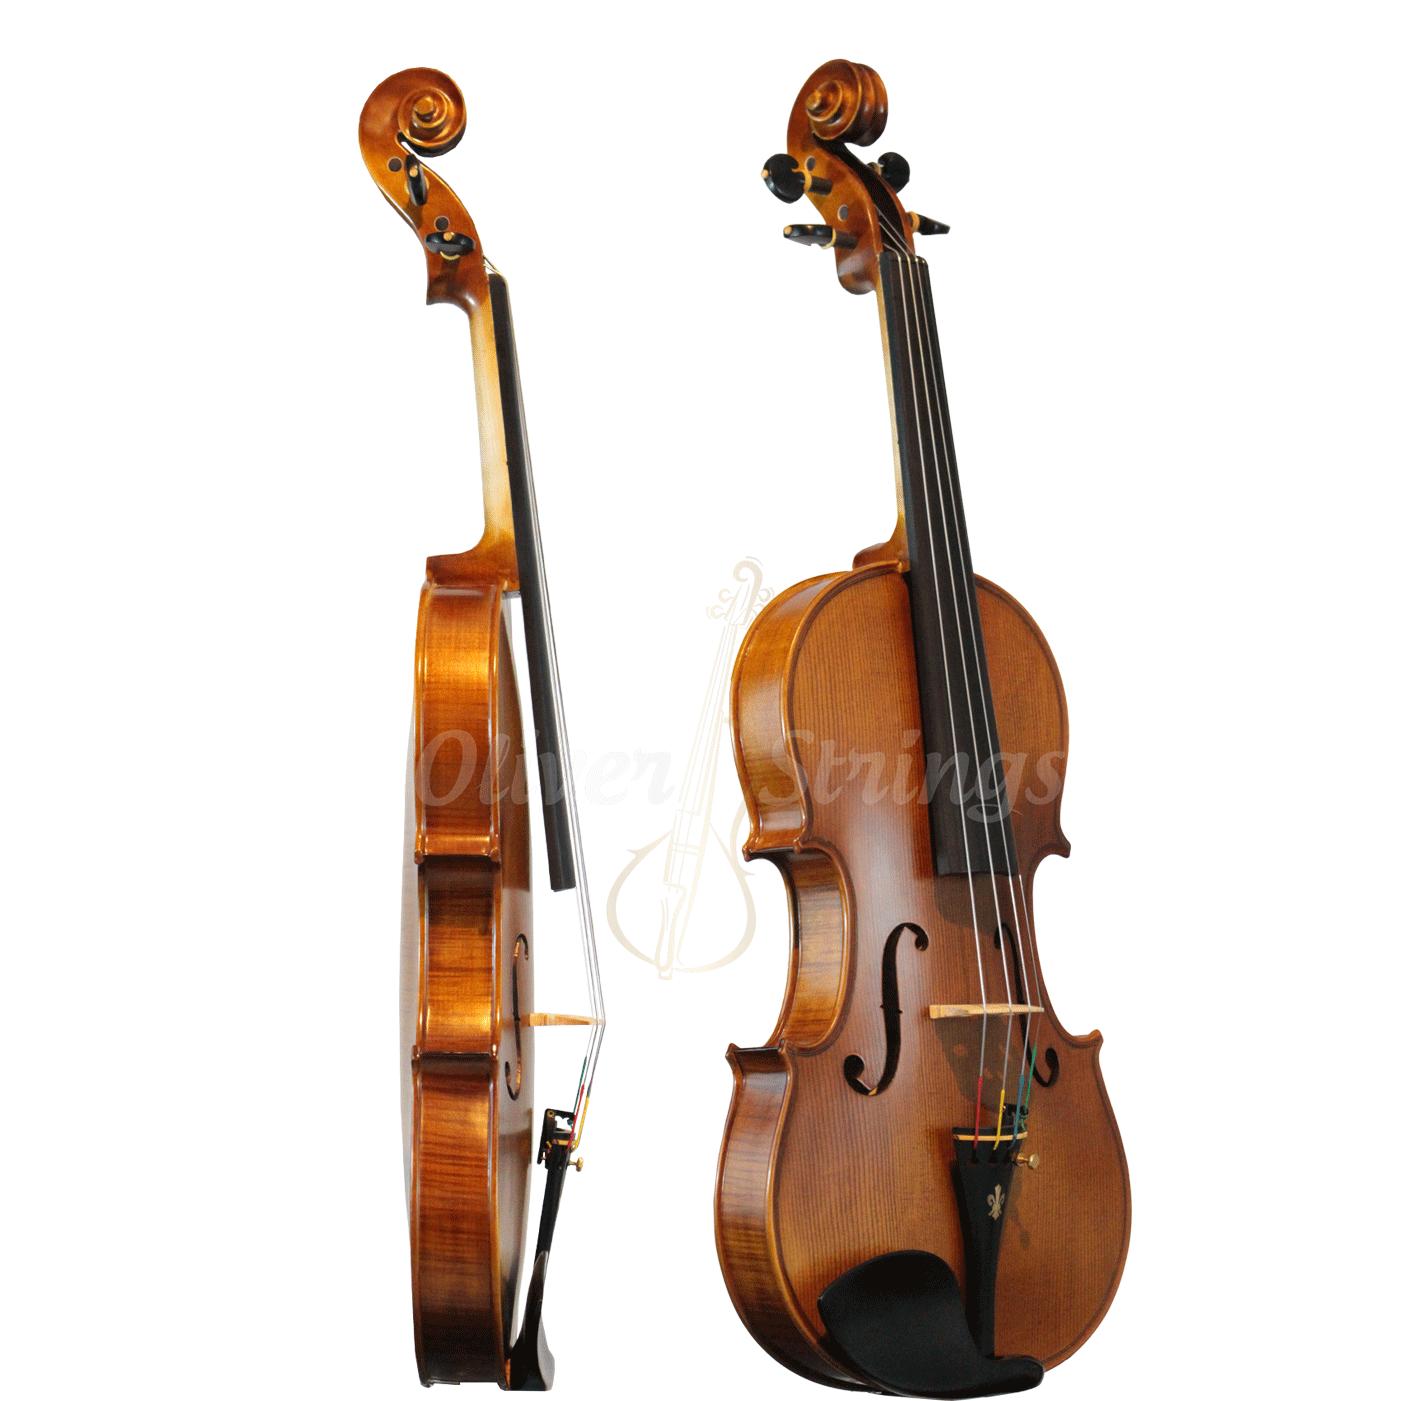 Violino feito à mão fundo bipartido modelo strad 4/4